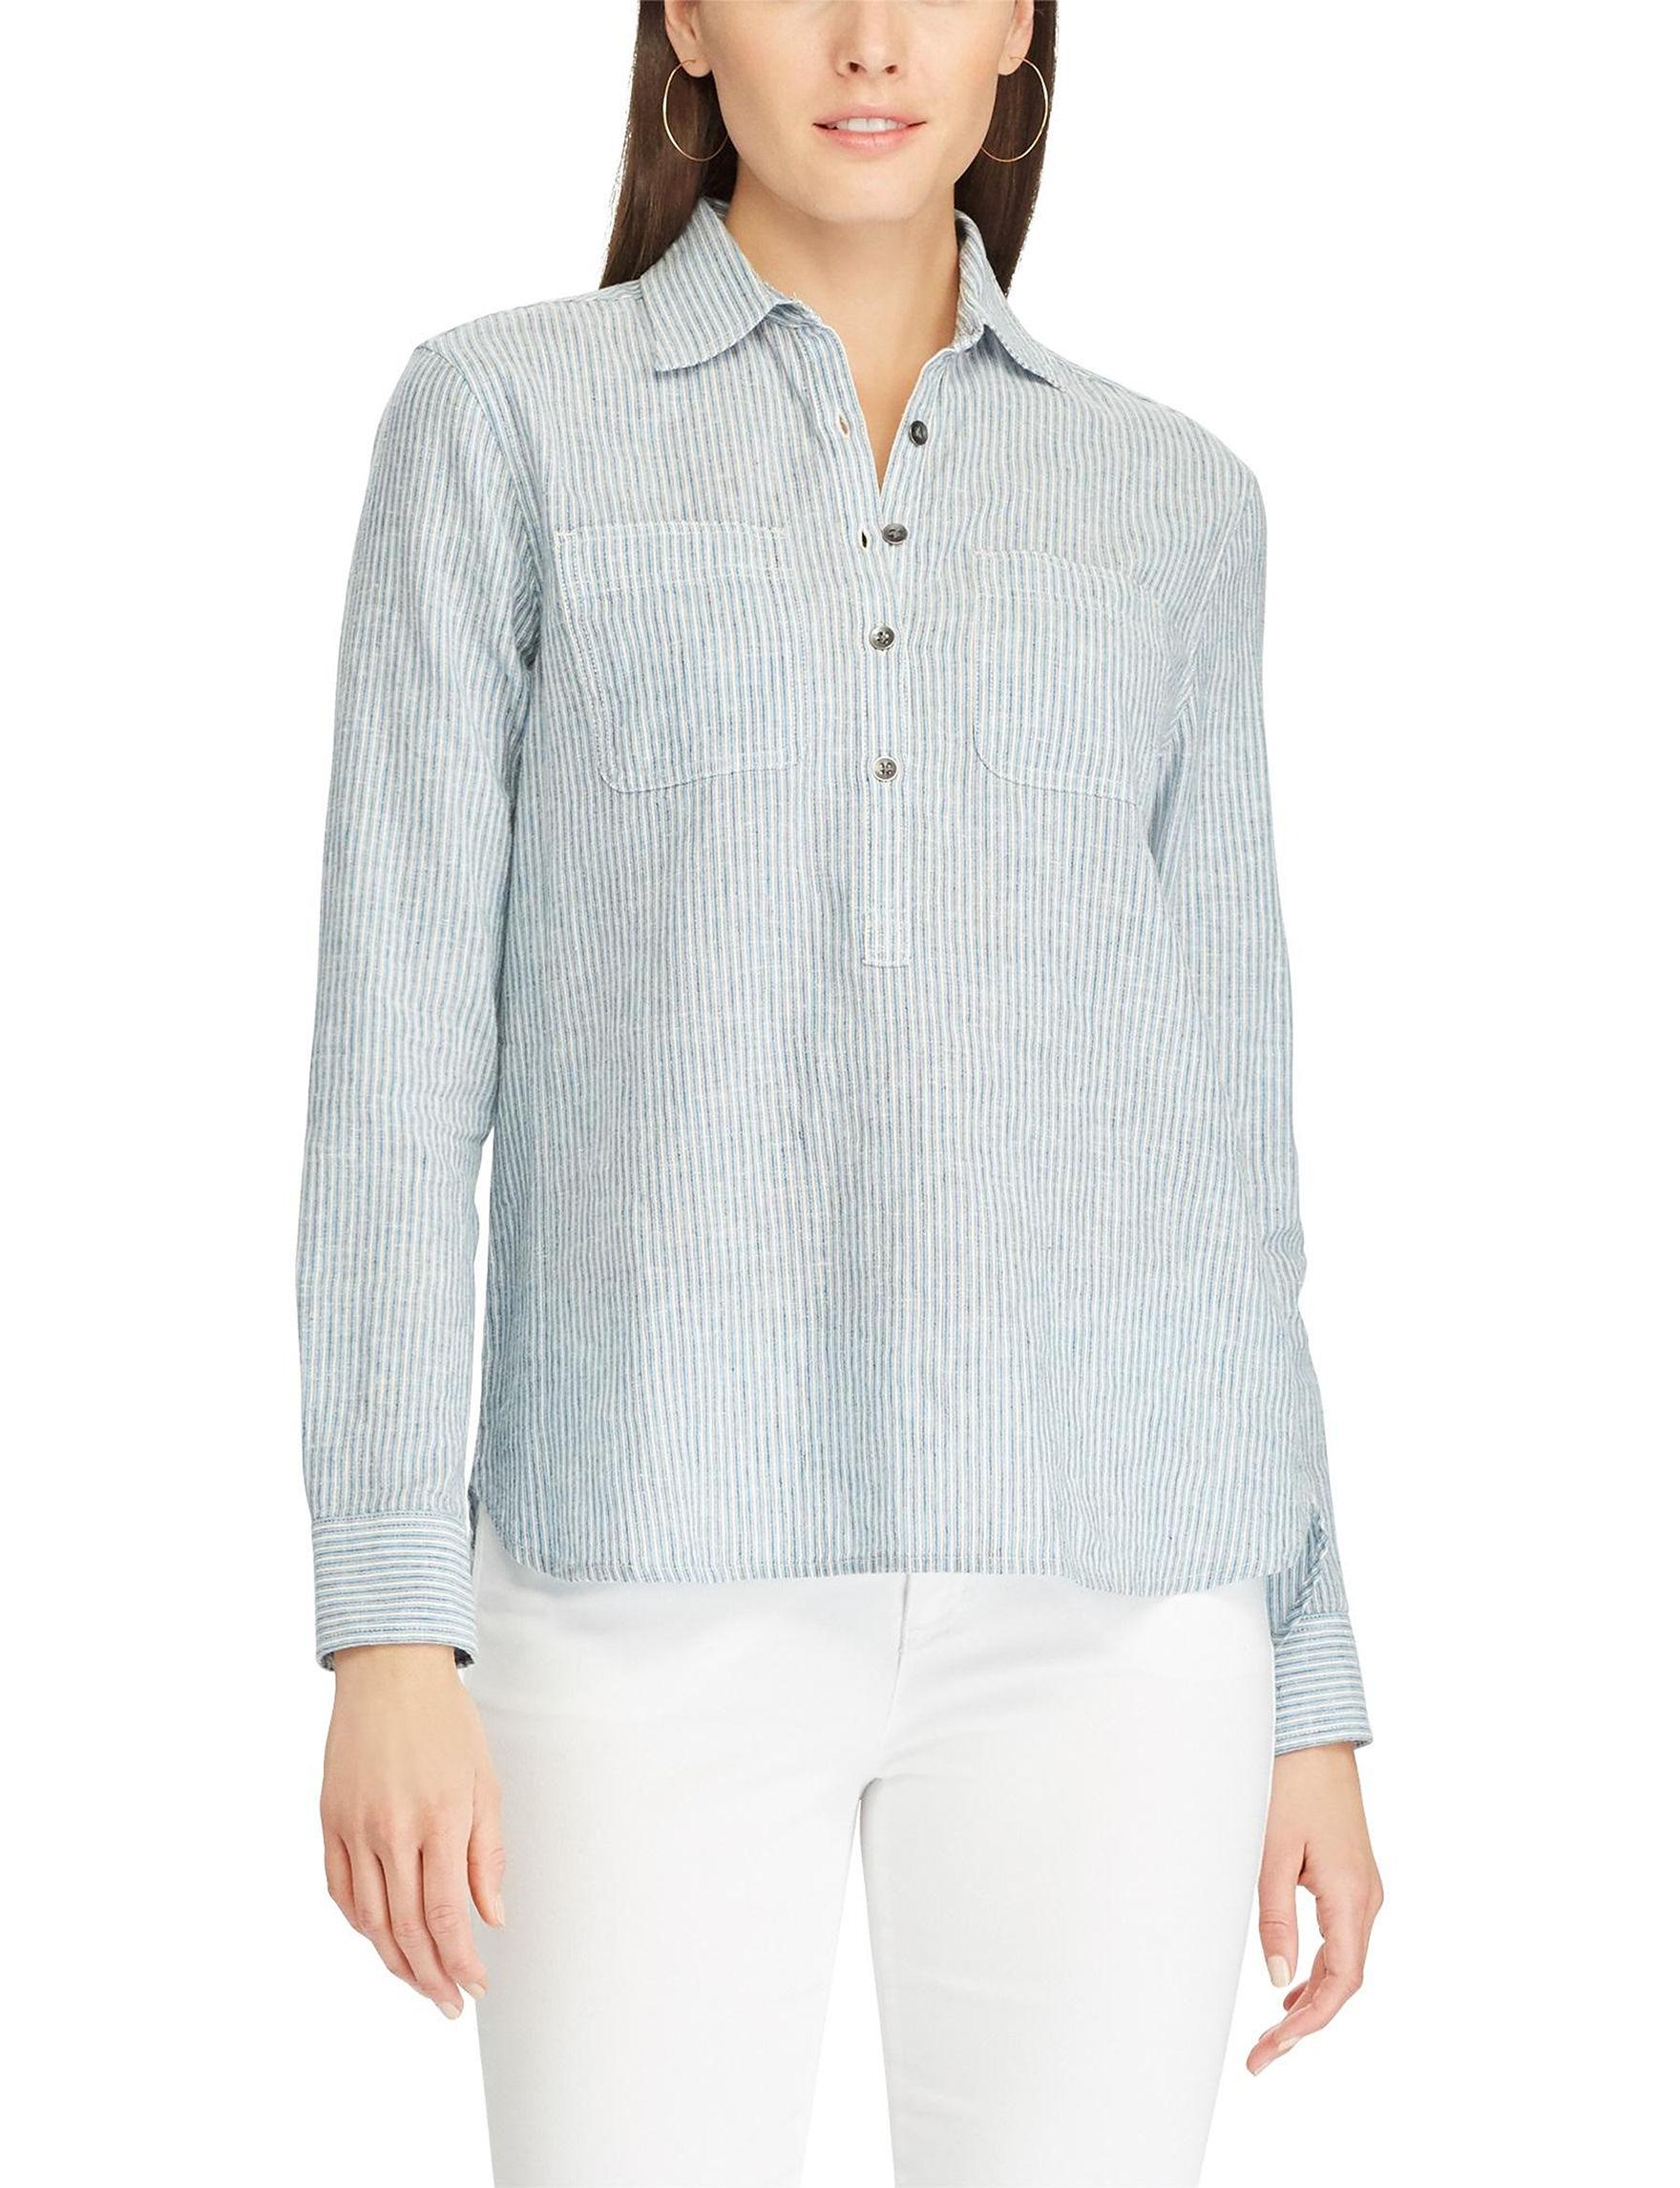 Chaps Blue/White Stripe Shirts & Blouses